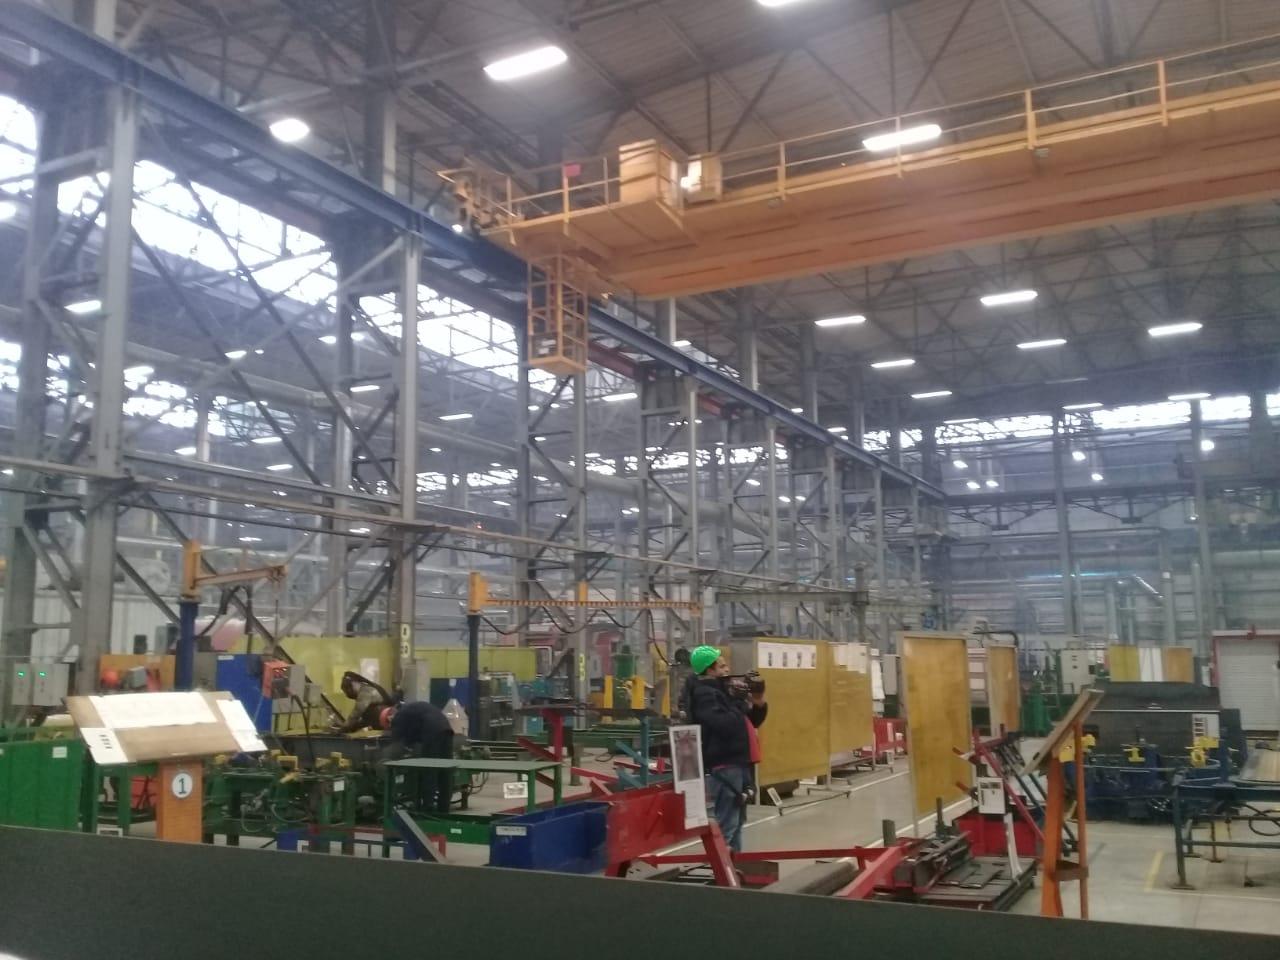 جولة لليوم السابع بمصنع جرارات السكة الحديد الروسى (37)